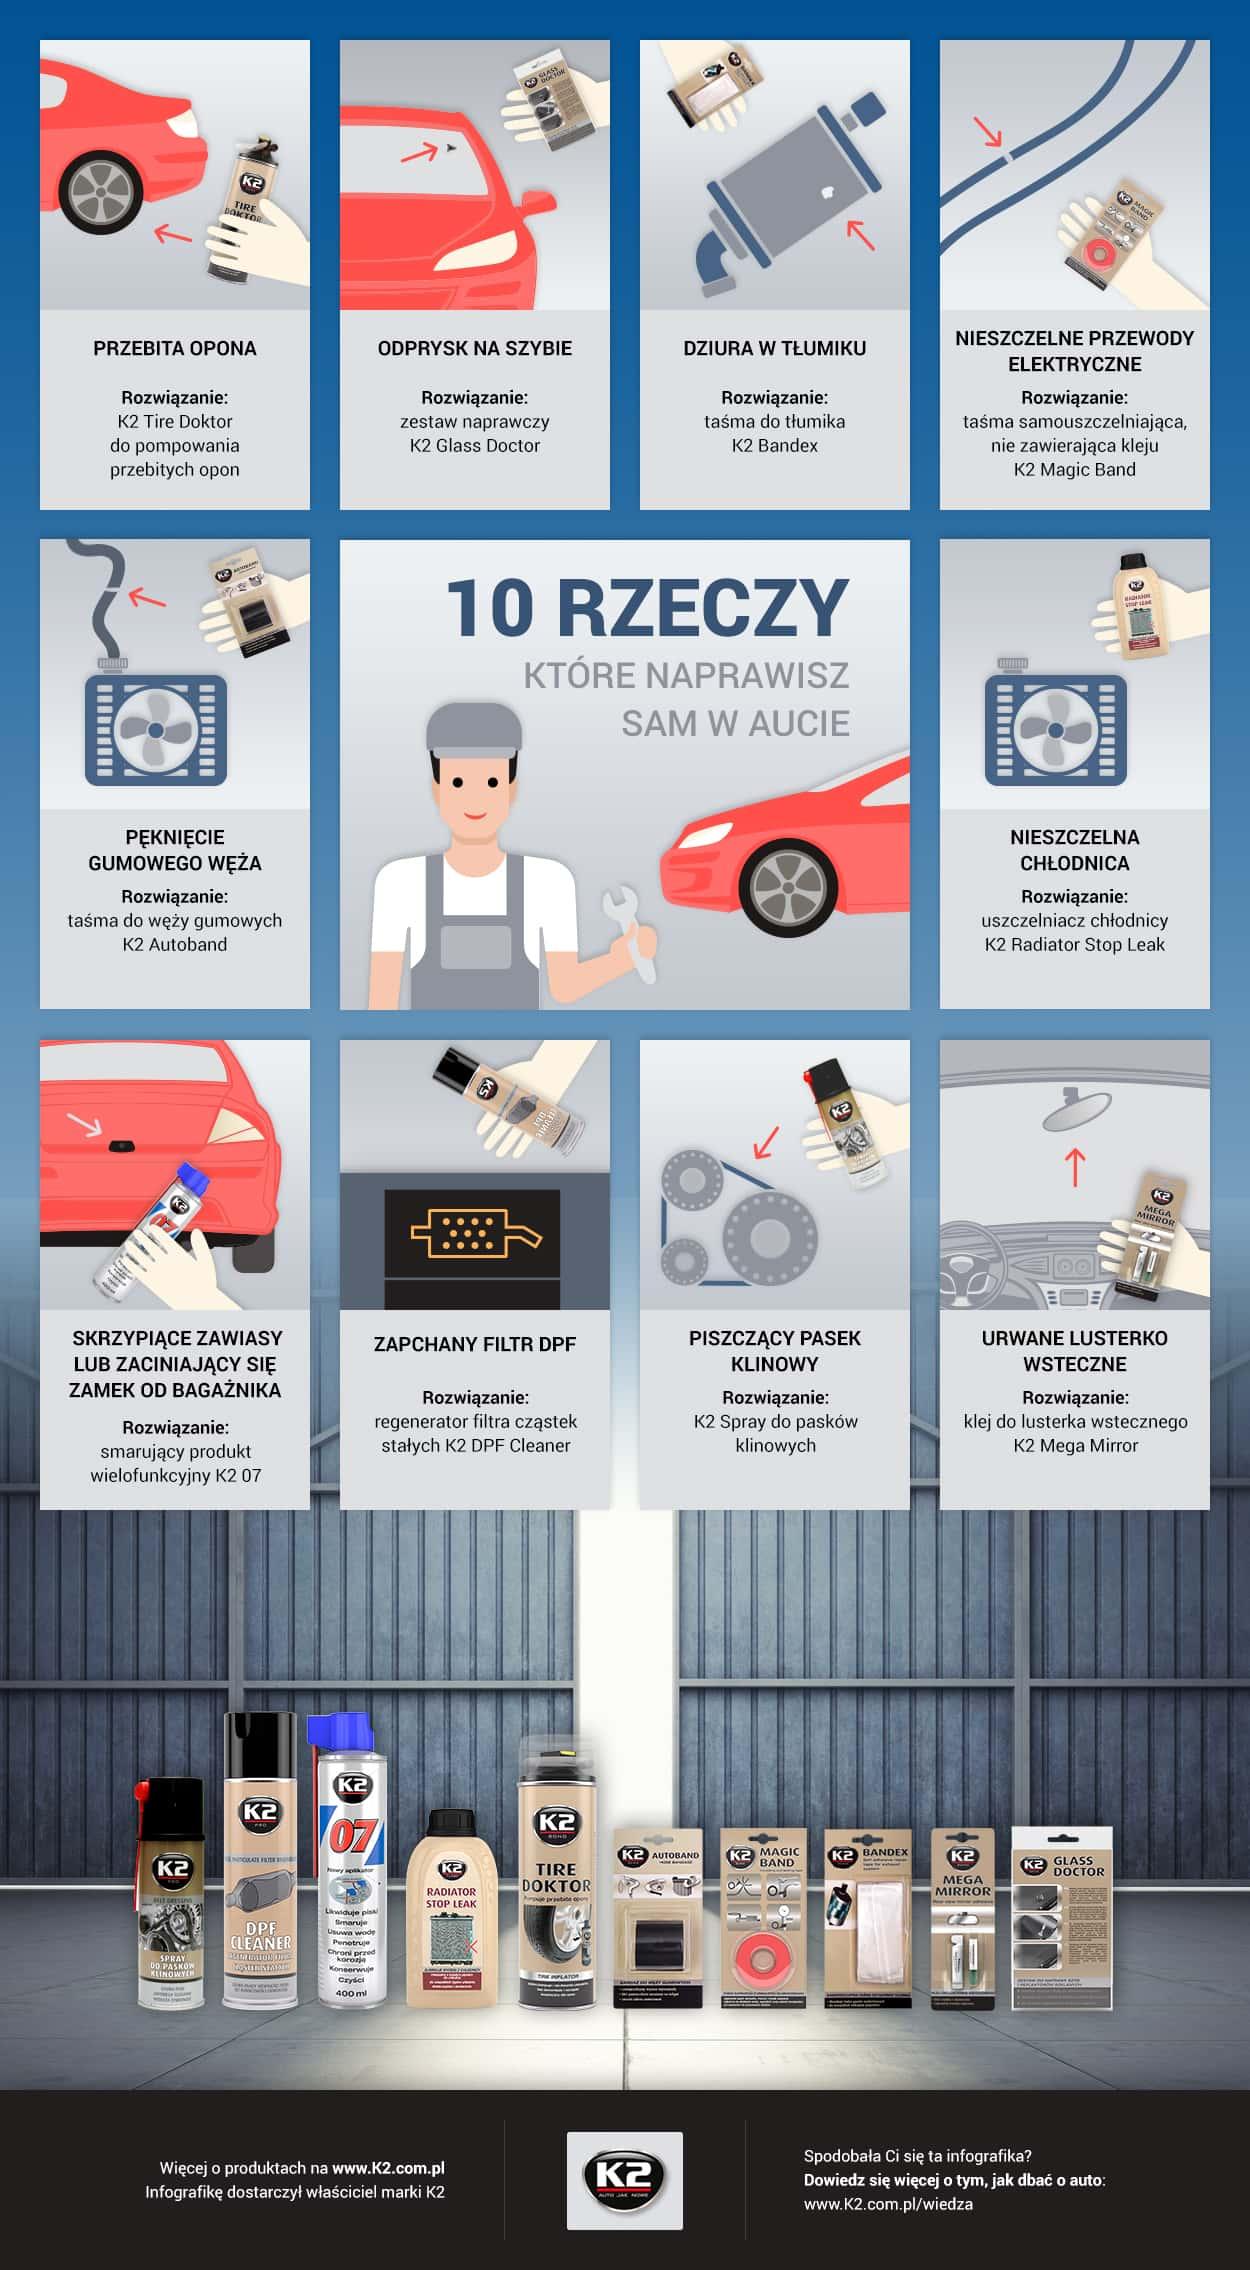 10-rzeczy-które-naprawisz-sam-w-aucie